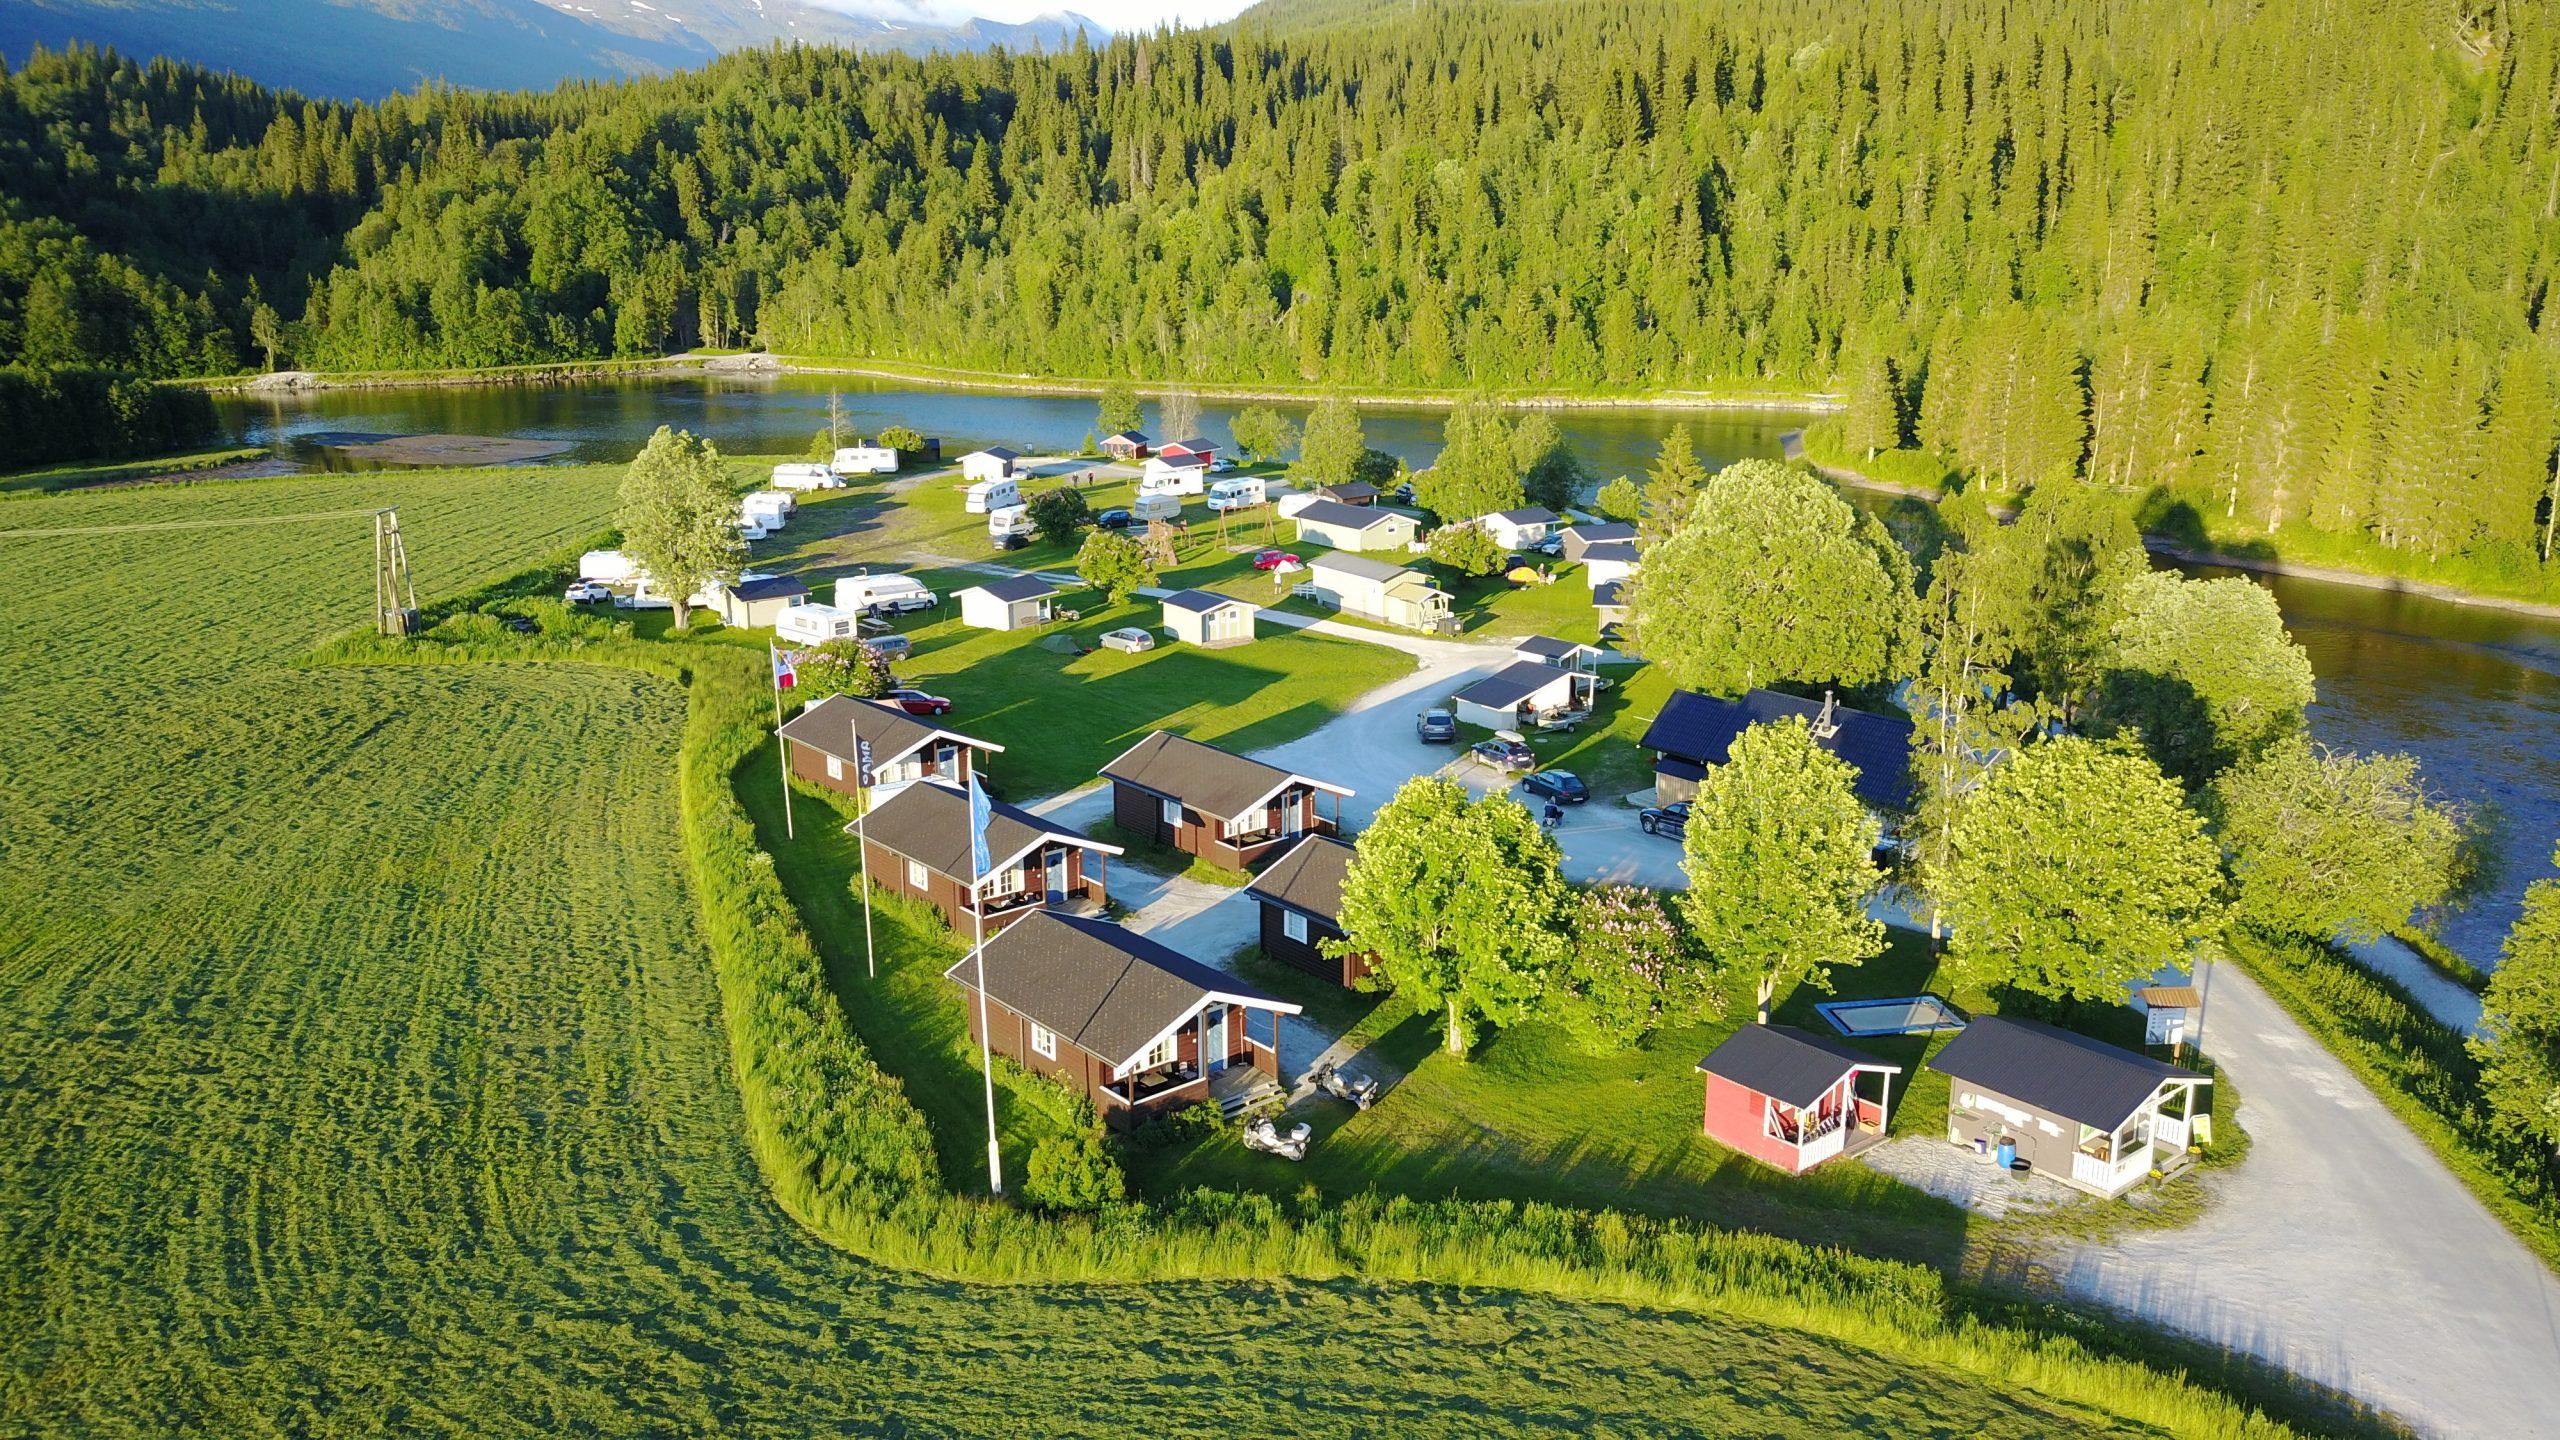 Oversiktsbilde av campingen med elva Røssåga rennende ved siden av